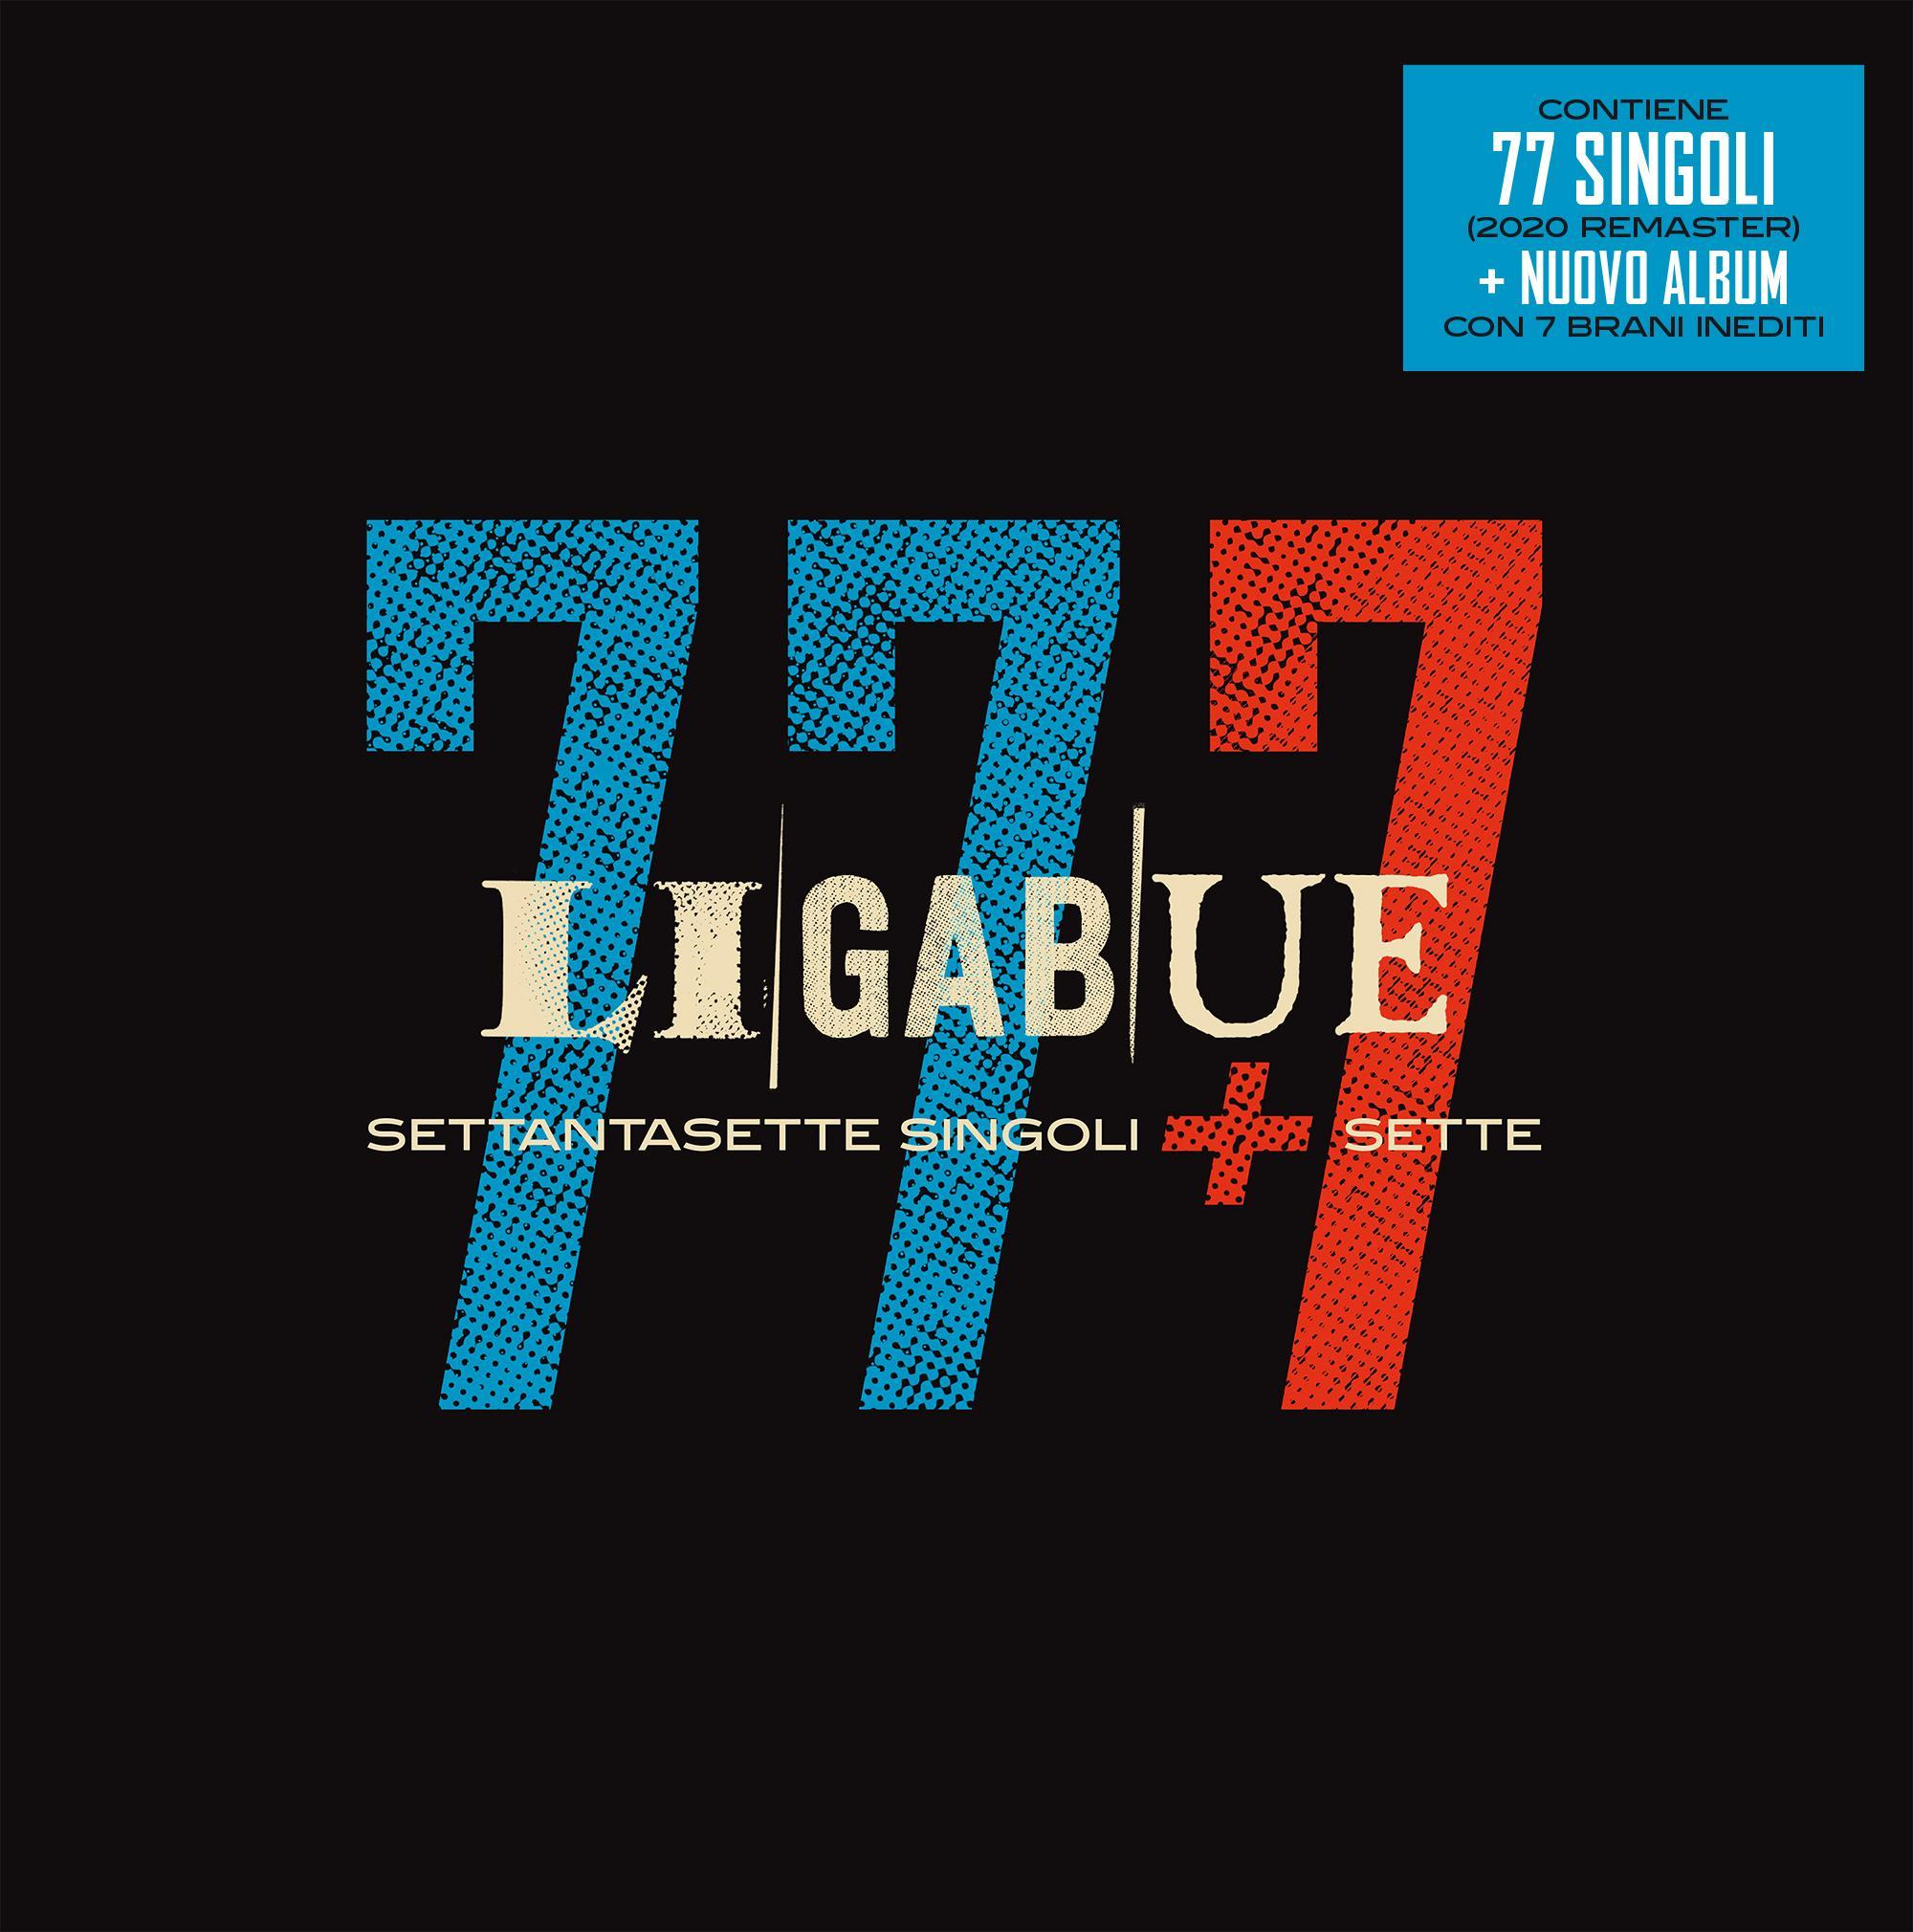 CD cofanetto – 77 7 settantasette singoli   sette – Ligabue